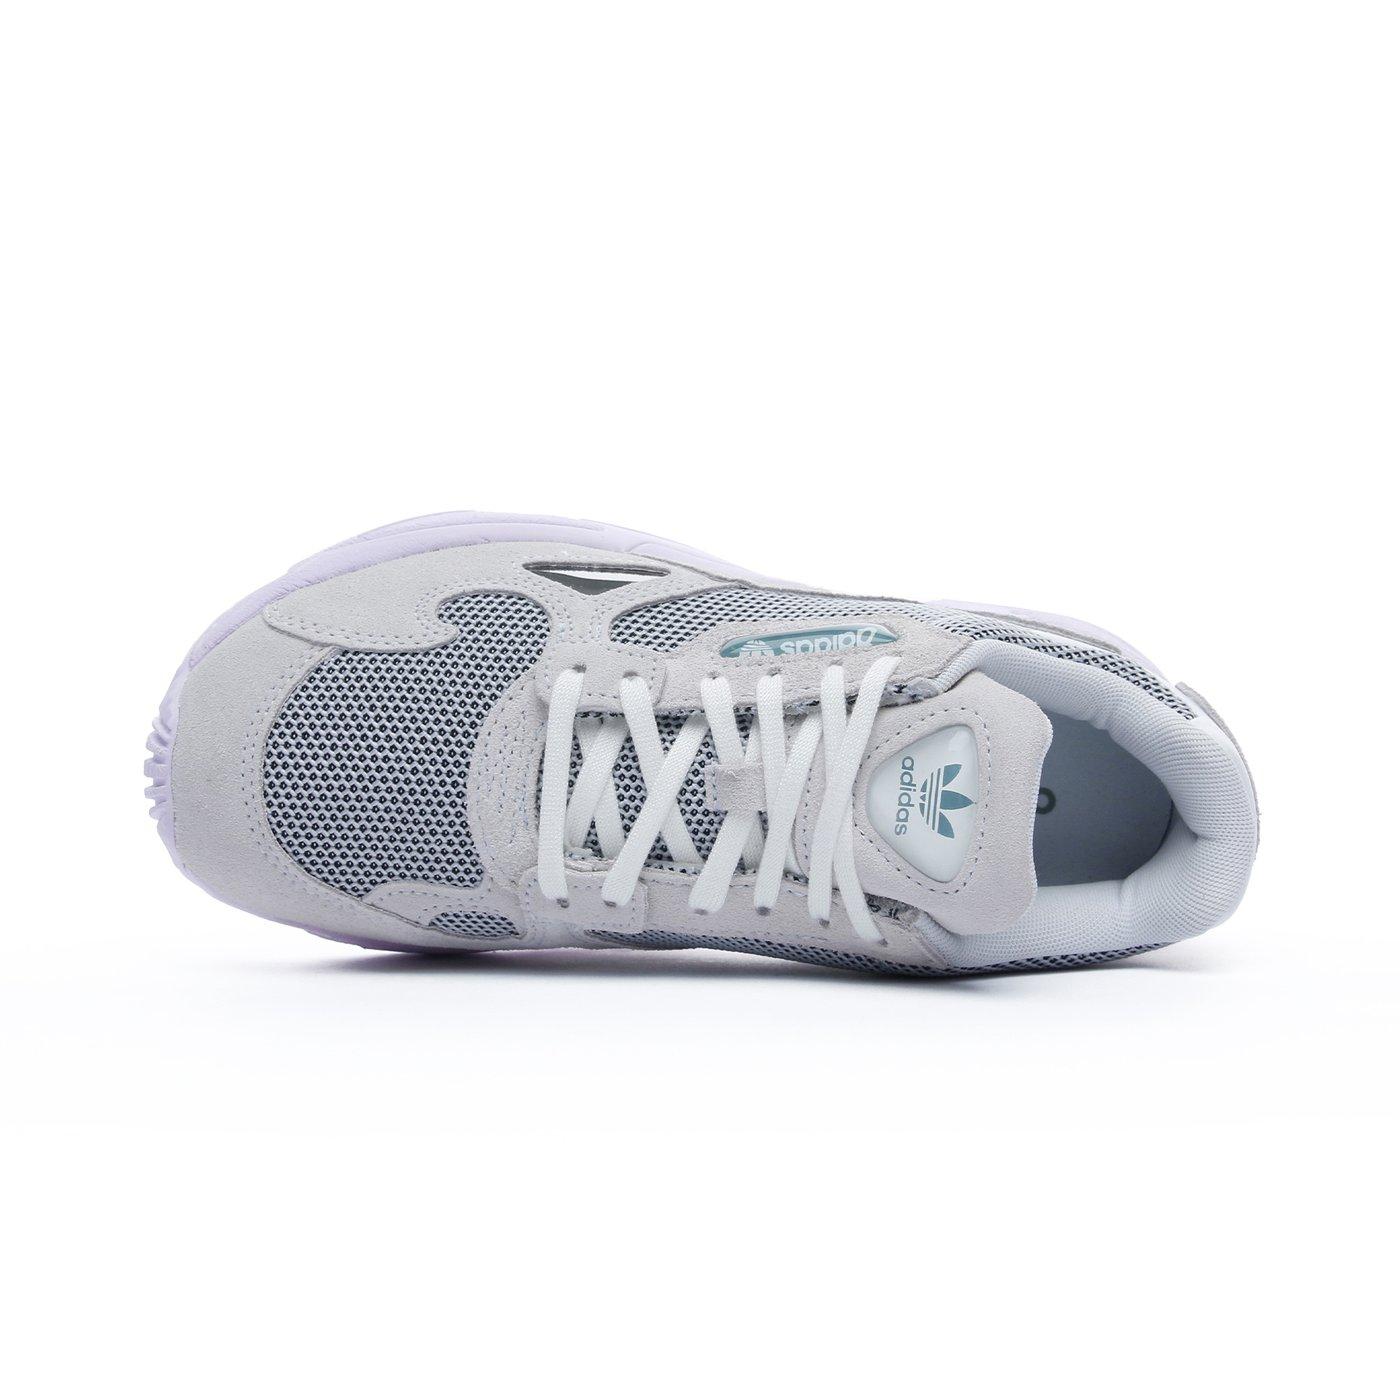 Falcon Kadın Gri Spor Ayakkabı